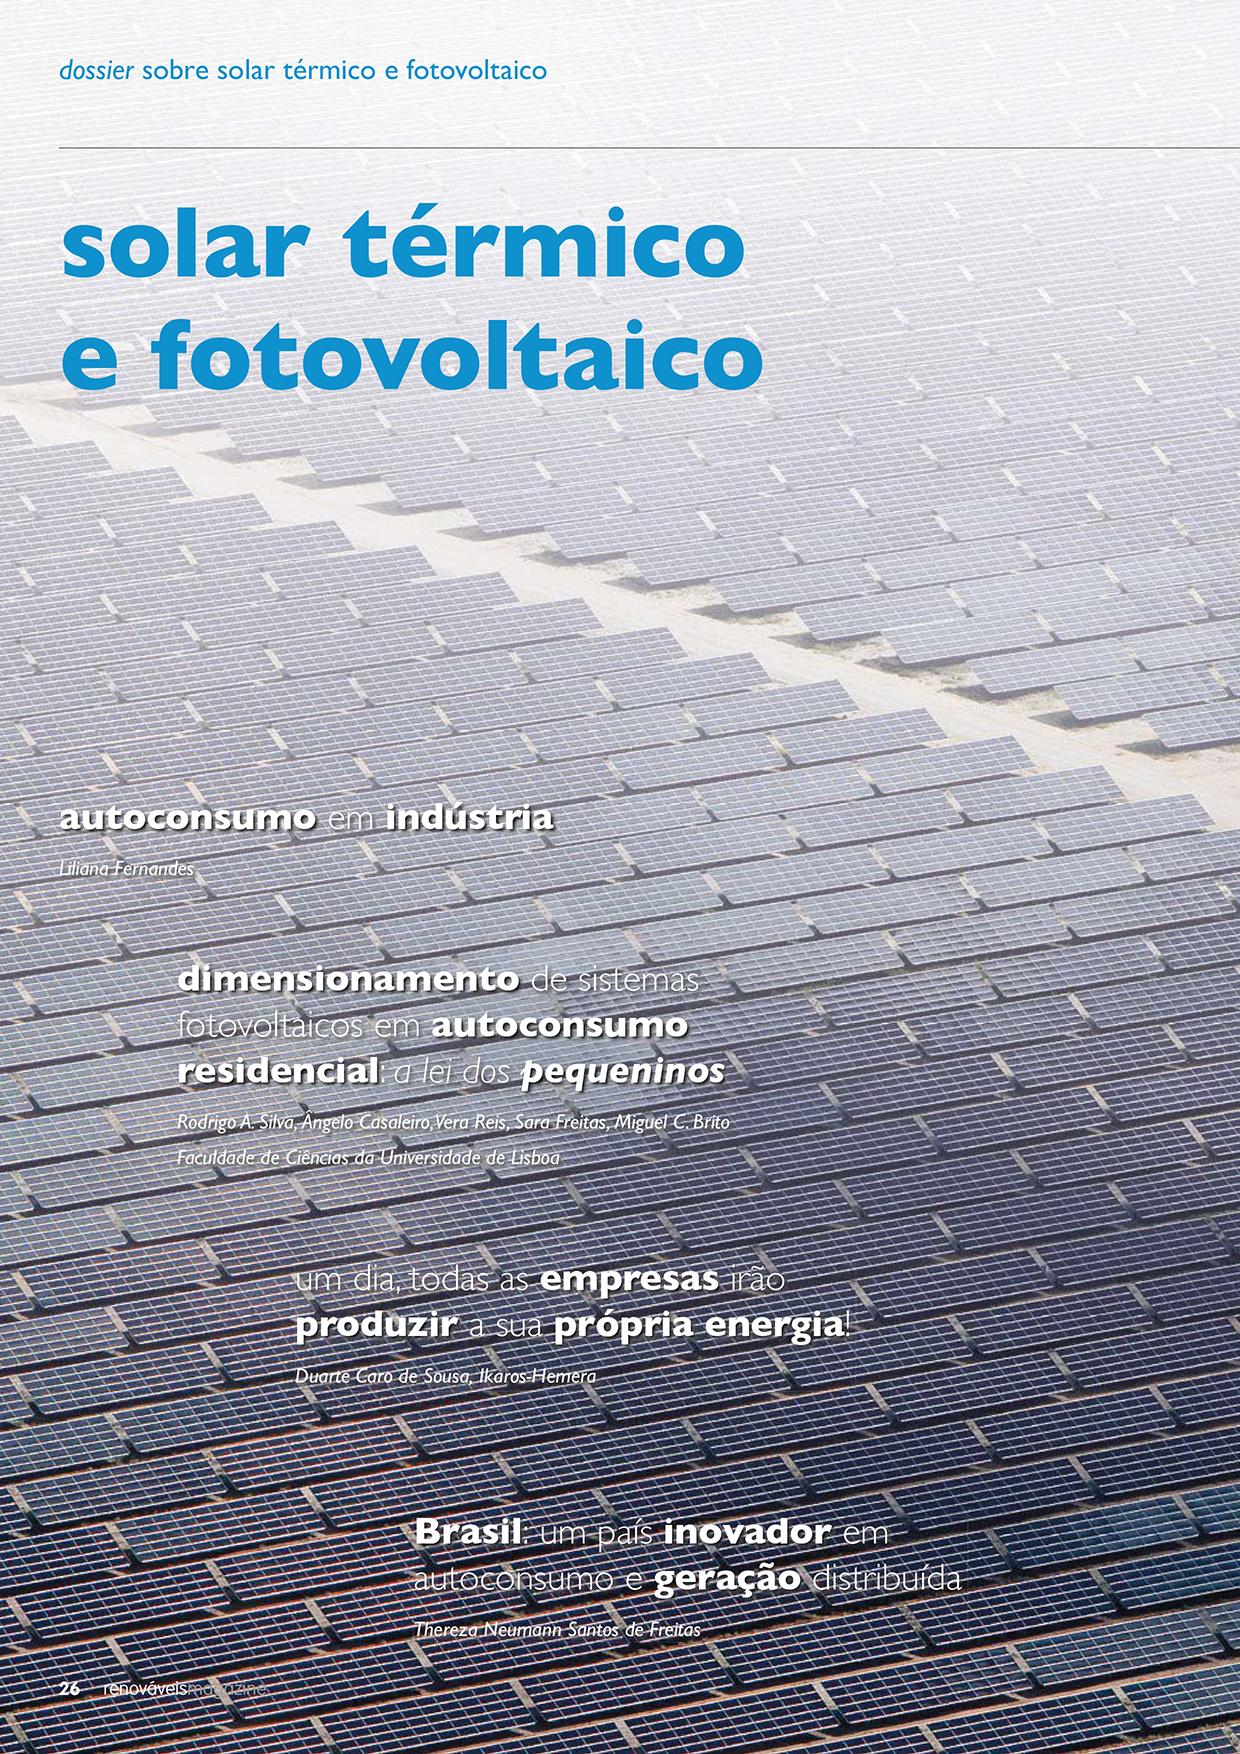 Dossier sobre Solar térmico e fotovoltaico